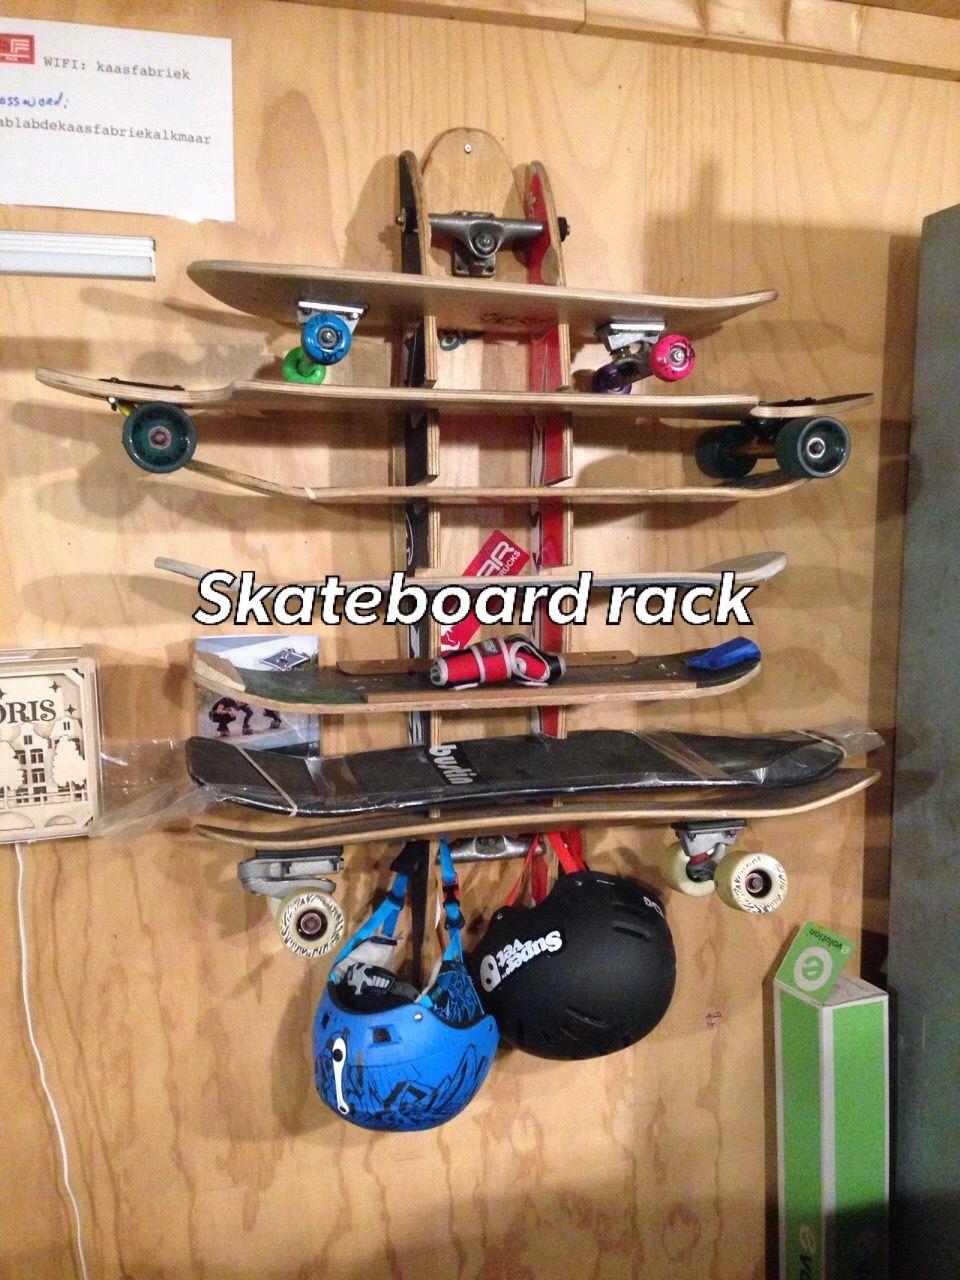 Skateboardrack